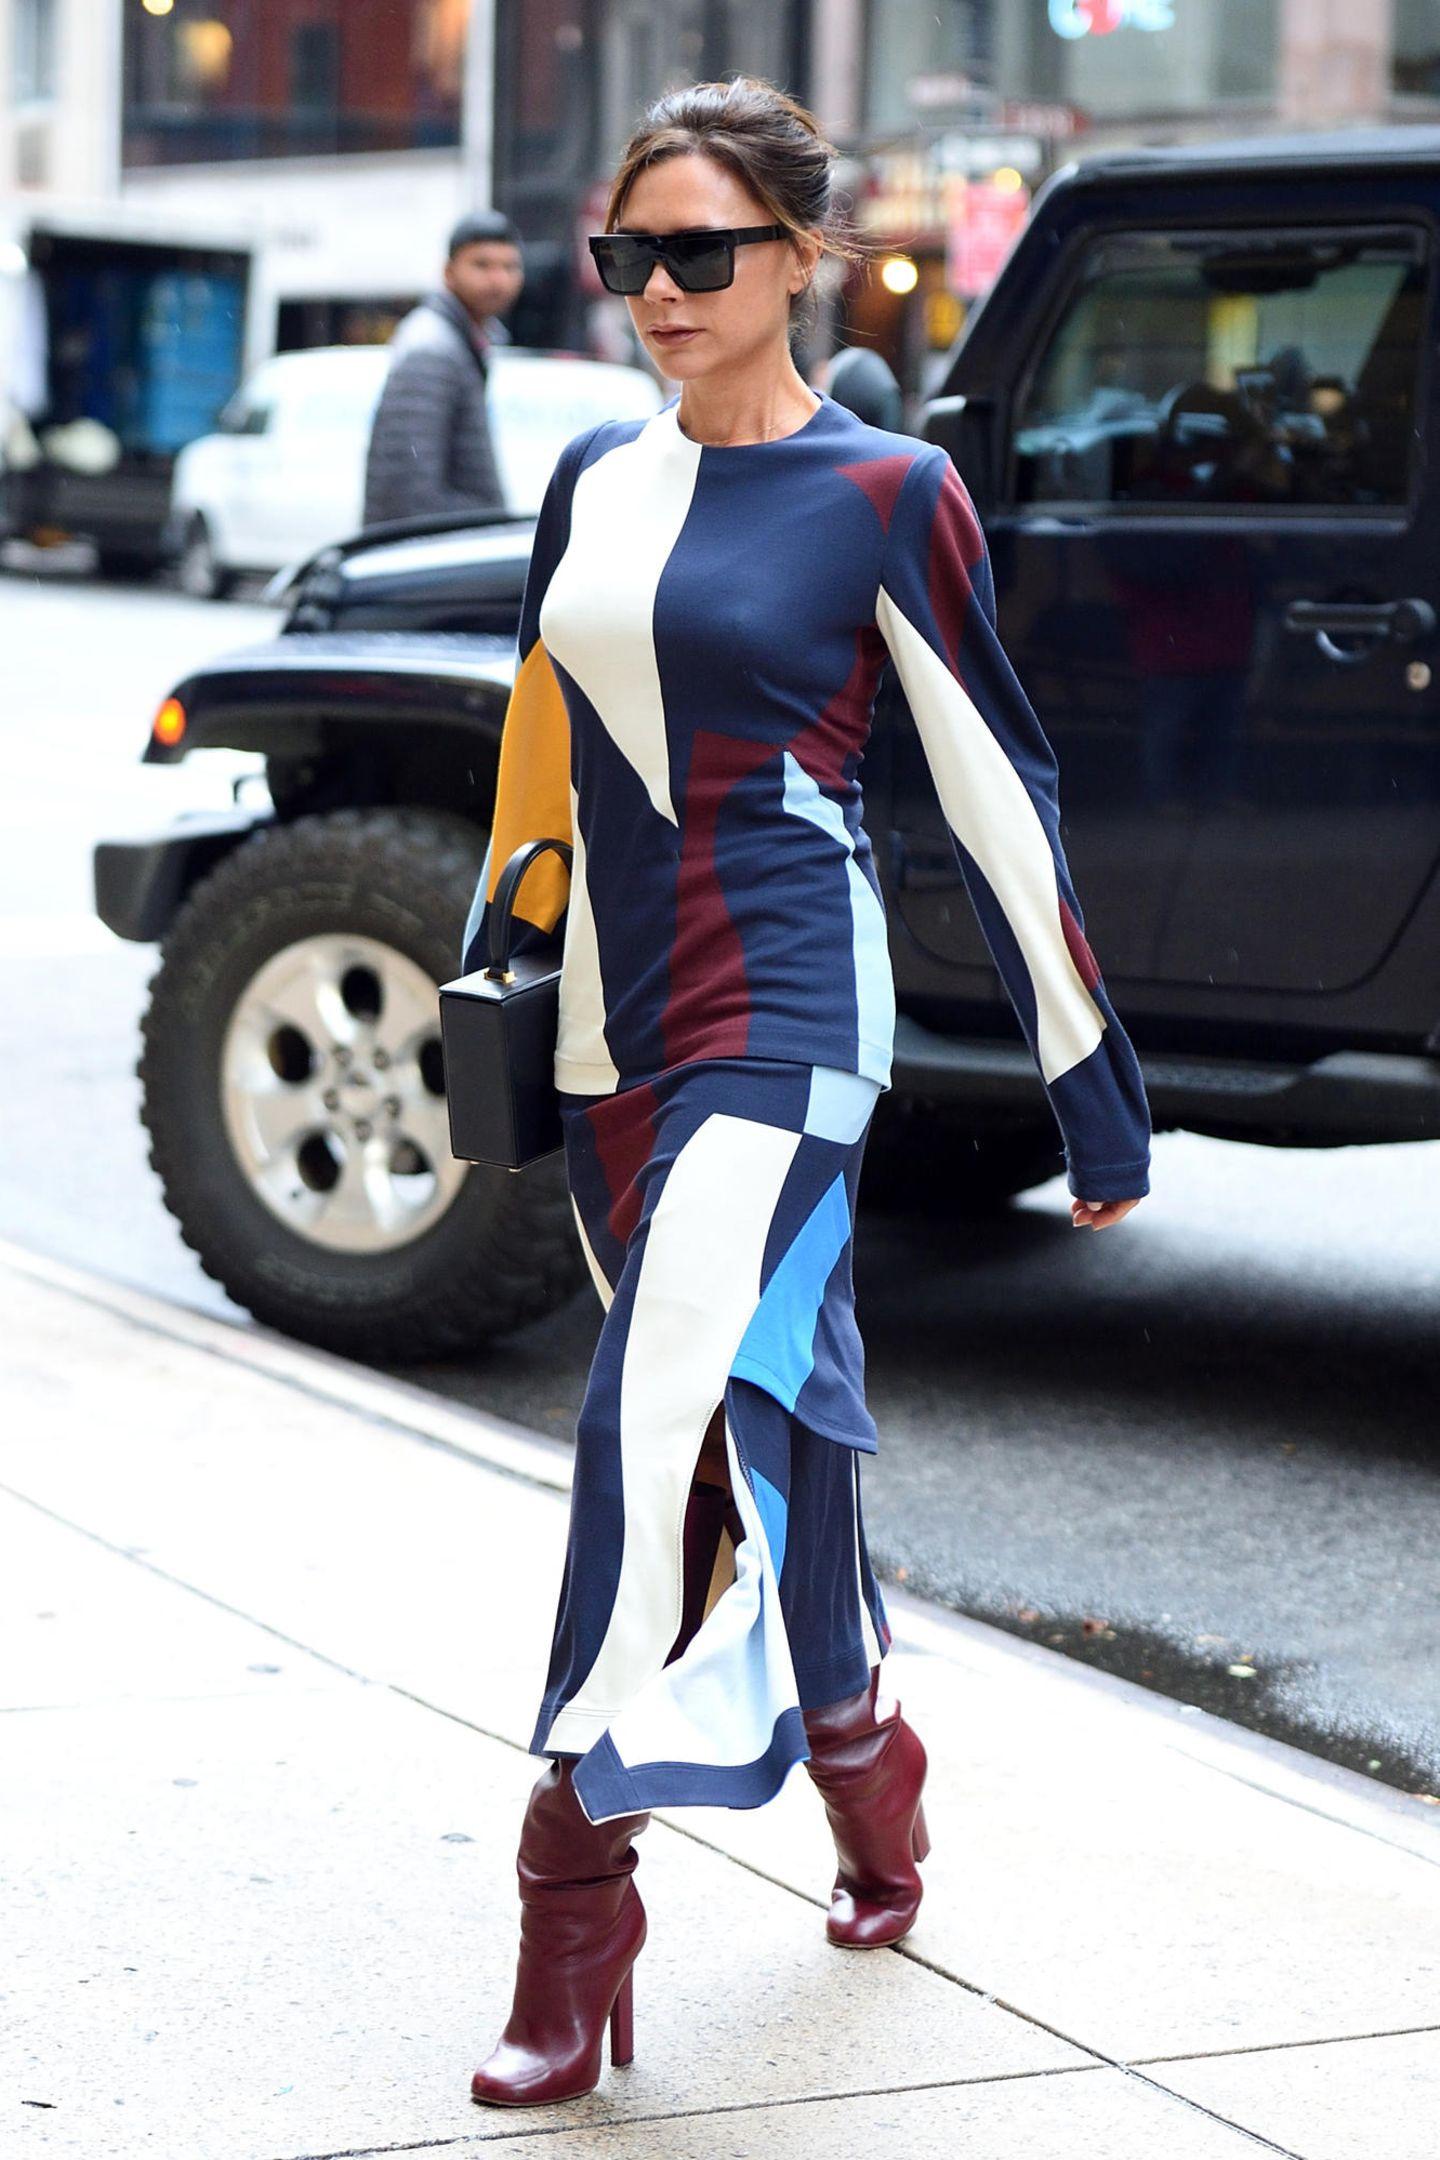 Victoria Beckham ist wirklich selbst ihr bestes Model. Diese farbenfrohe Kombi stammt aus ihrer Herbst-Winter-Kollektion 2017 und ist für knapp 2100 Euro zu erstehen.